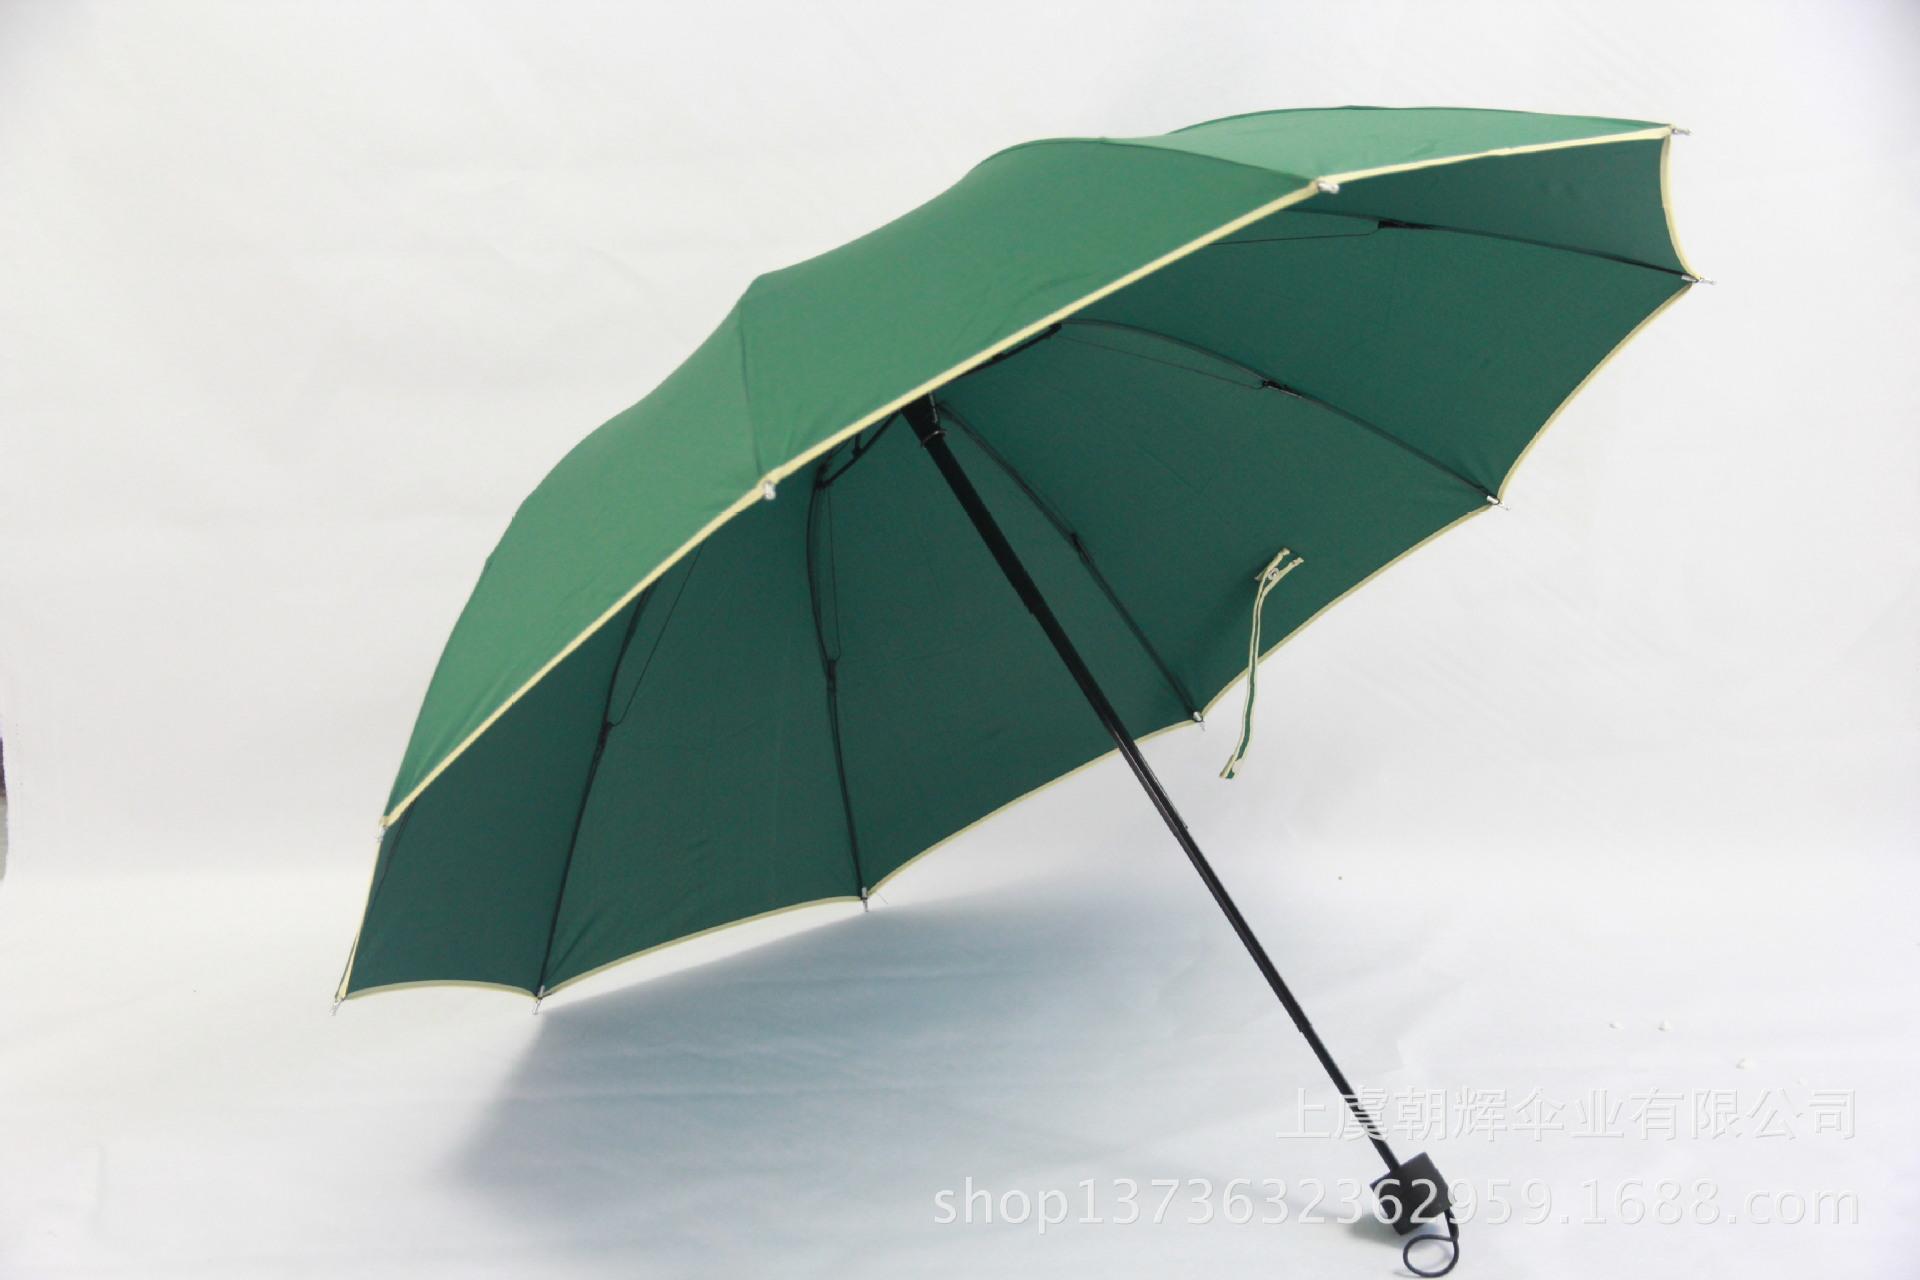 【厂家直销】定制做折叠包边大商务广告伞三折伞礼品遮阳晴雨伞